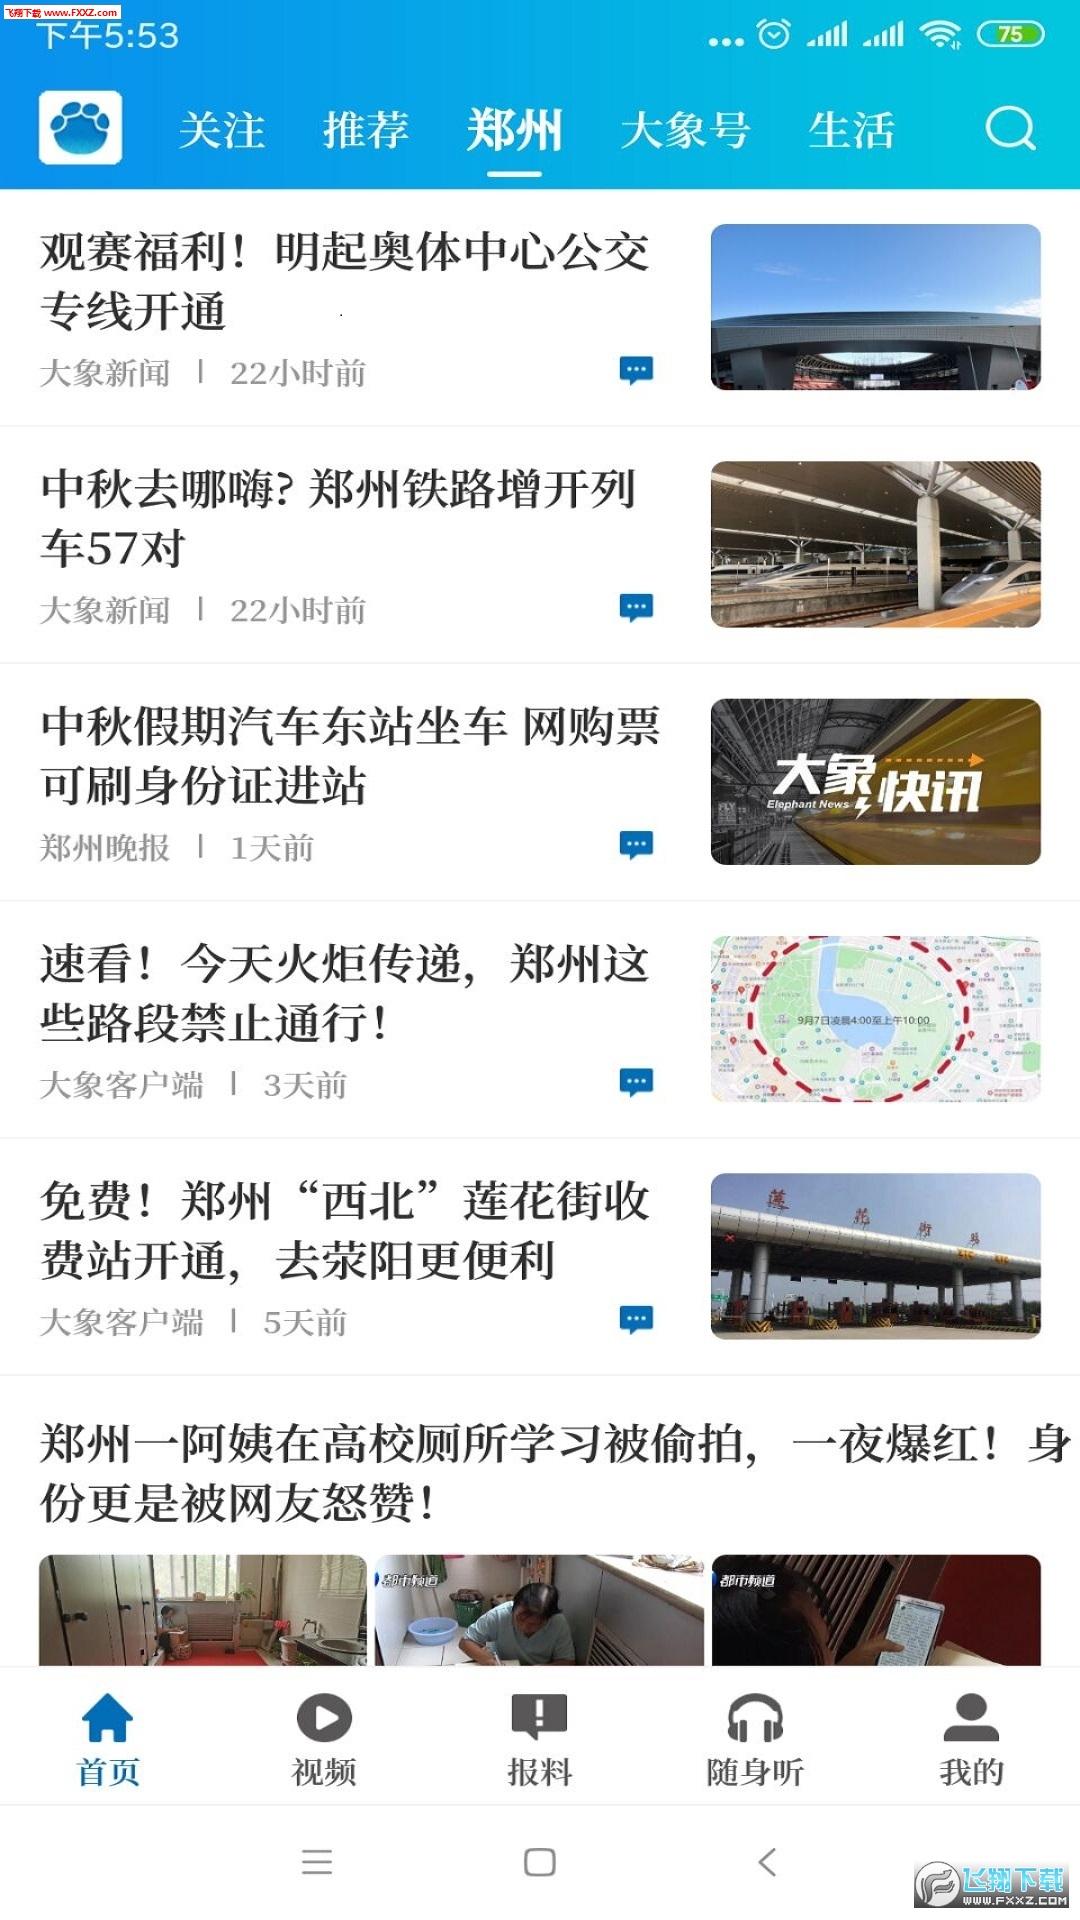 大象新闻苹果版客户端v1.11.0截图1